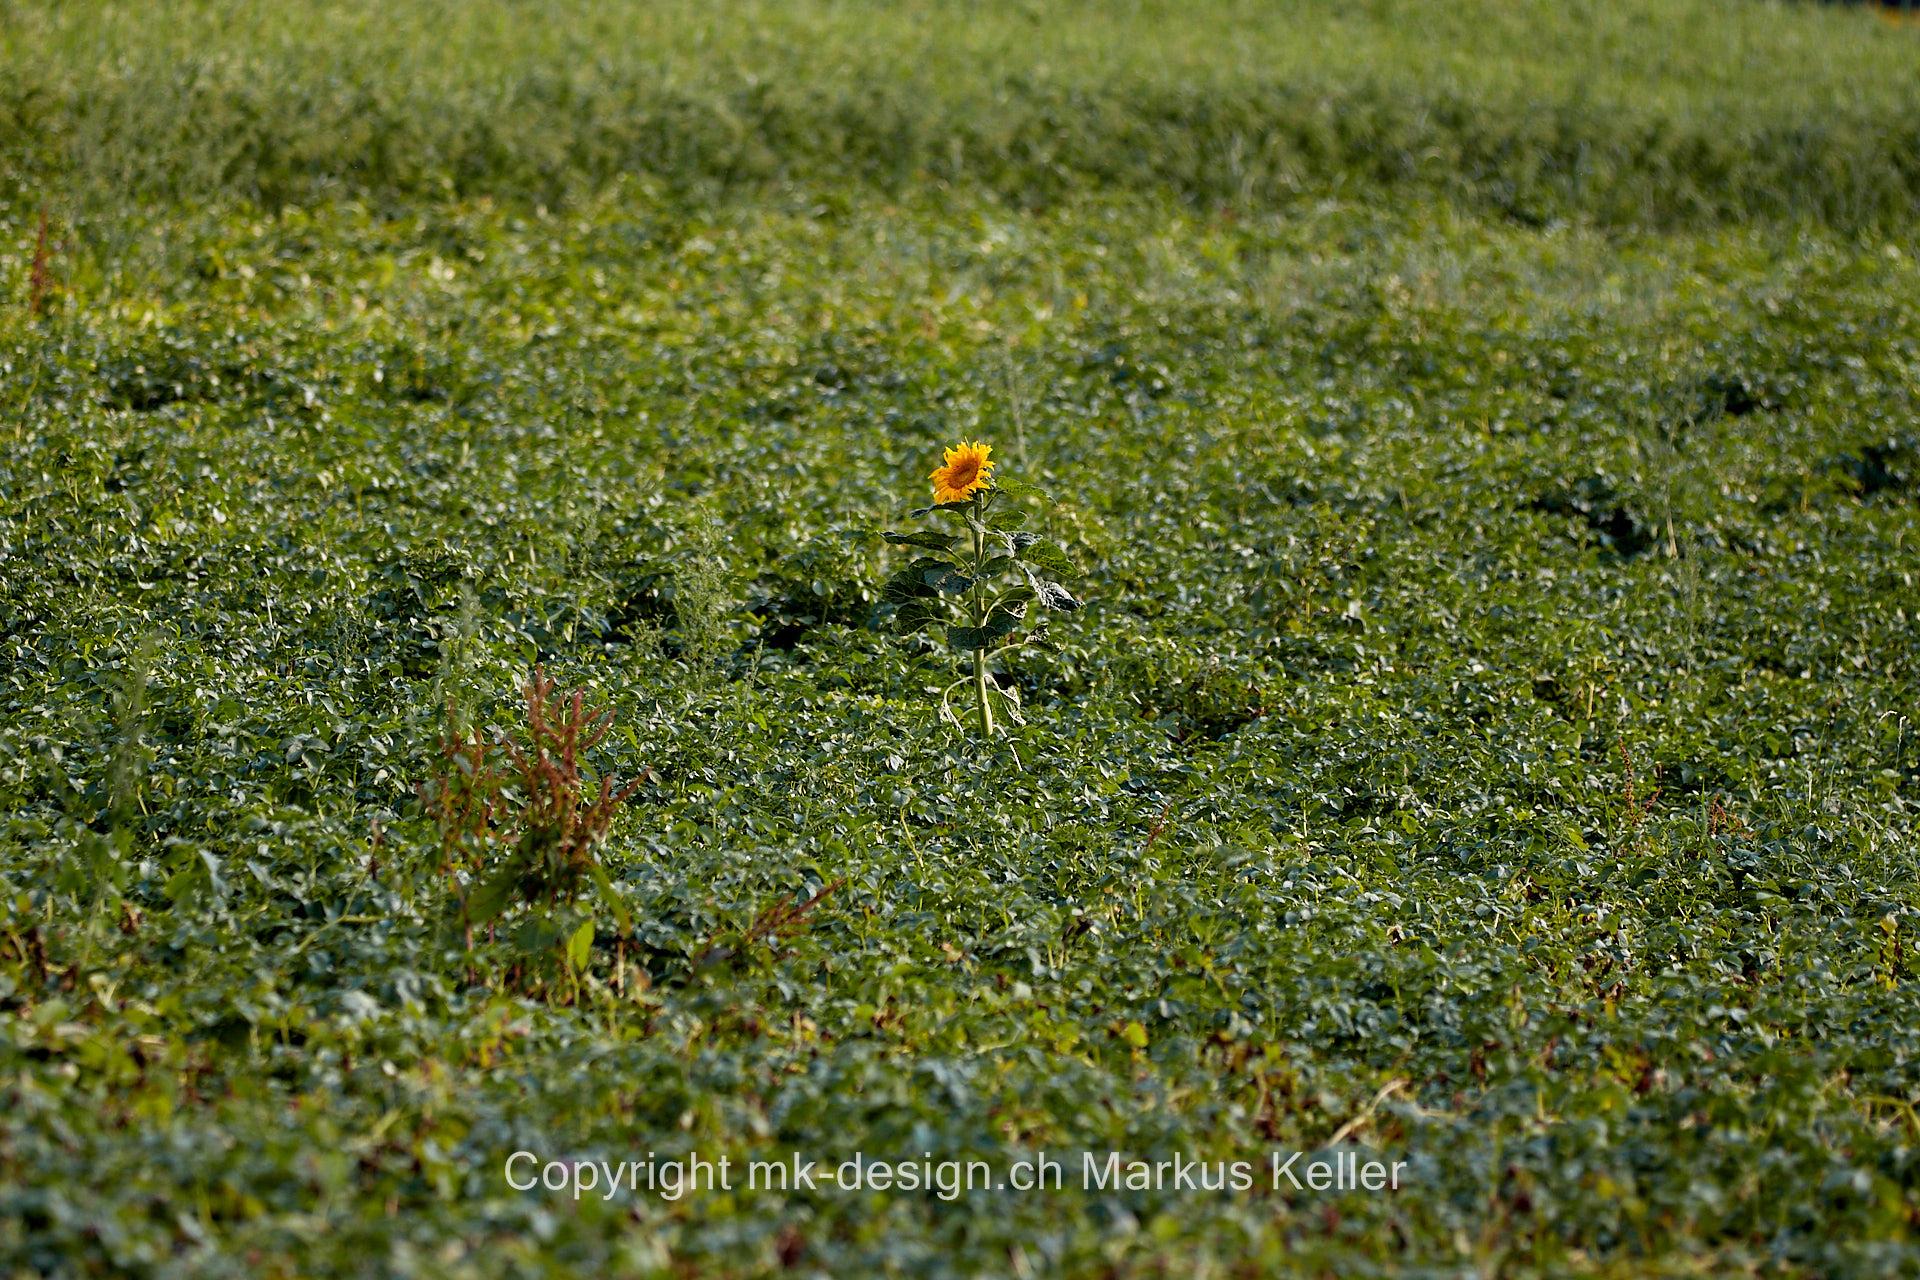 Pflanze   Blume   Sonnenblume